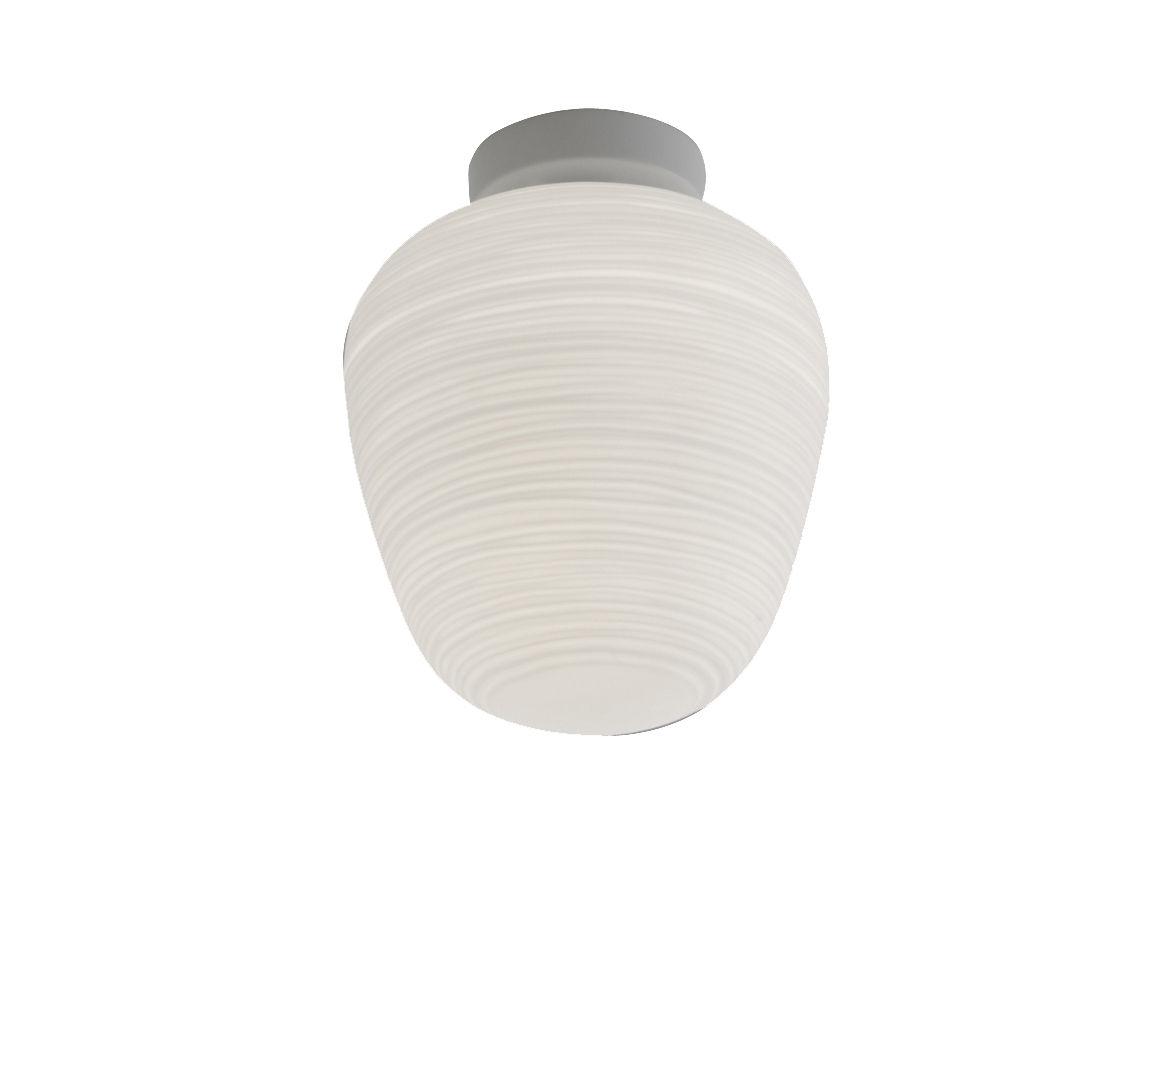 Leuchten - Wandleuchten - Rituals 3 Deckenleuchte / Ø 19 cm x H 23 cm - Foscarini - Weiß / Ø 19 x H 23 cm - lackiertes Metall, mundgeblasenes Glas